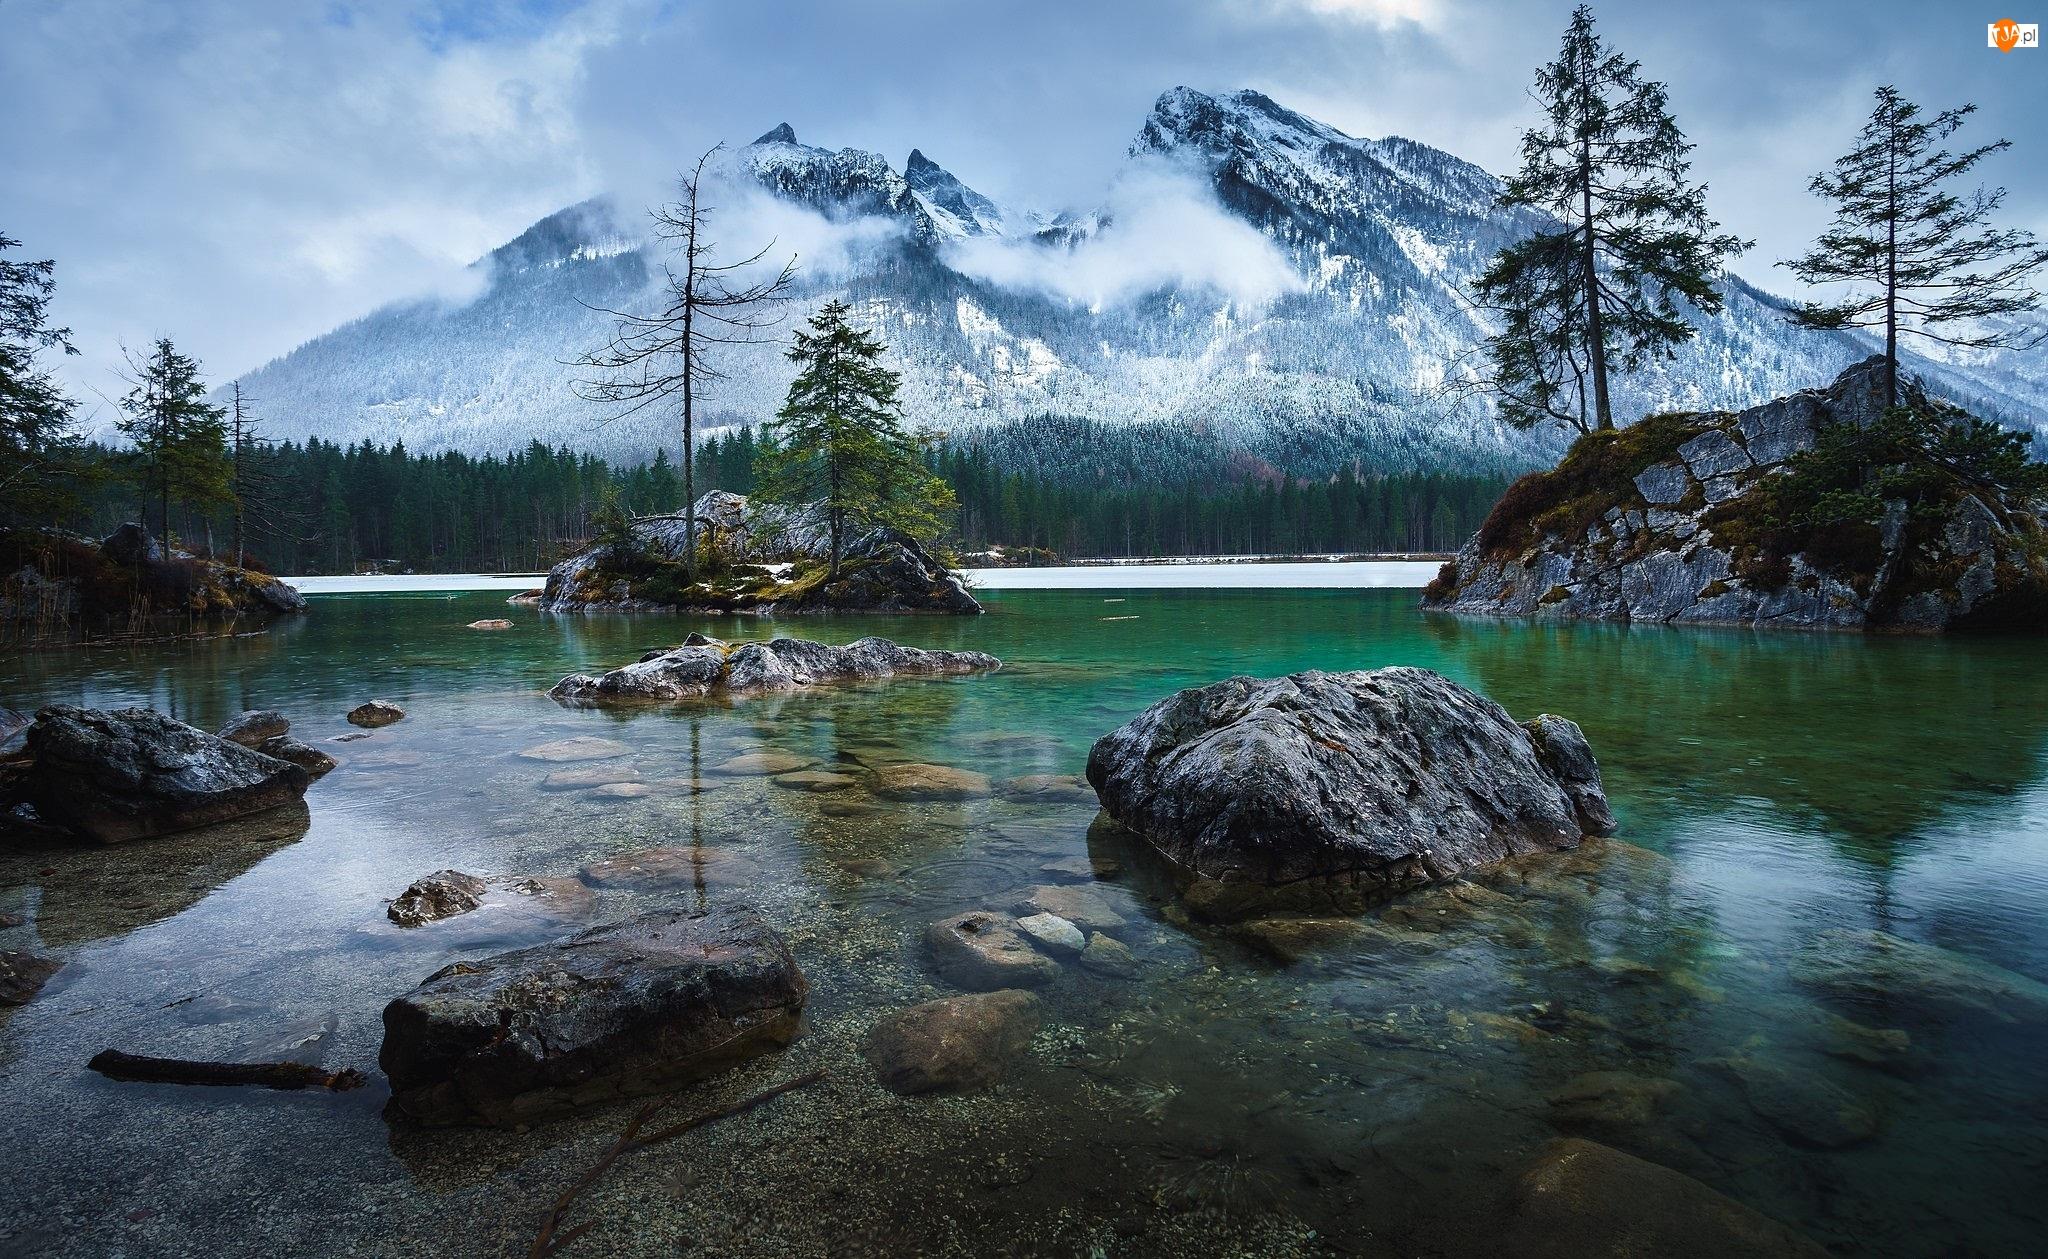 Bawaria, Jezioro Hintersee, Góry, Drzewa, Niemcy, Skały